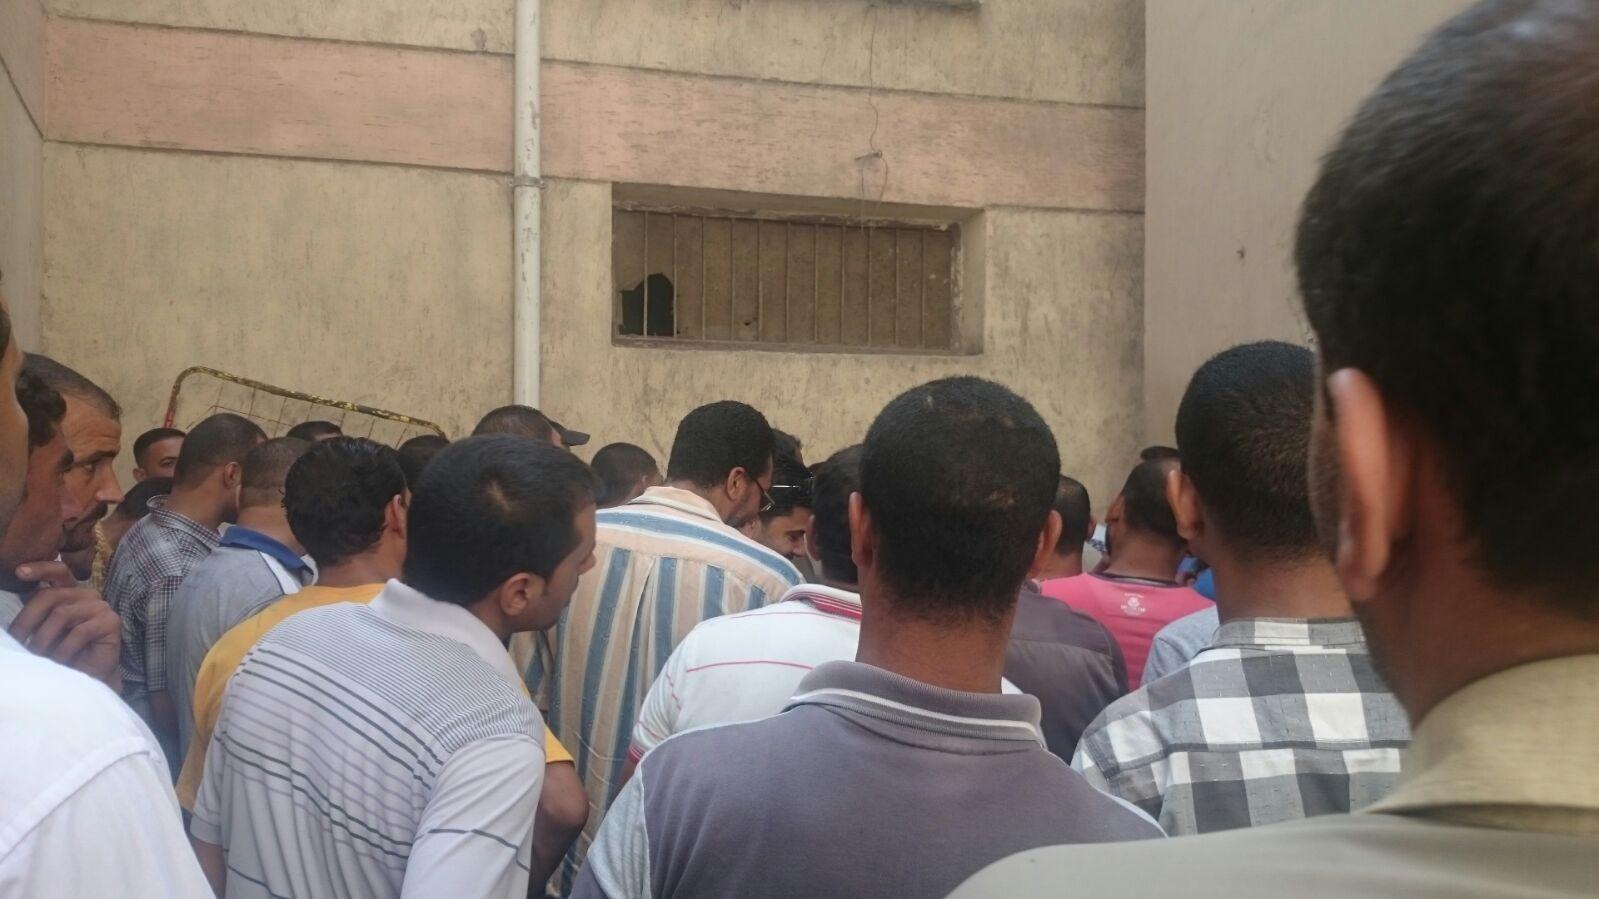 تكدس المواطنين في كومسيون دمنهور.. «أصل الموظفين عاوزين يفطروا»